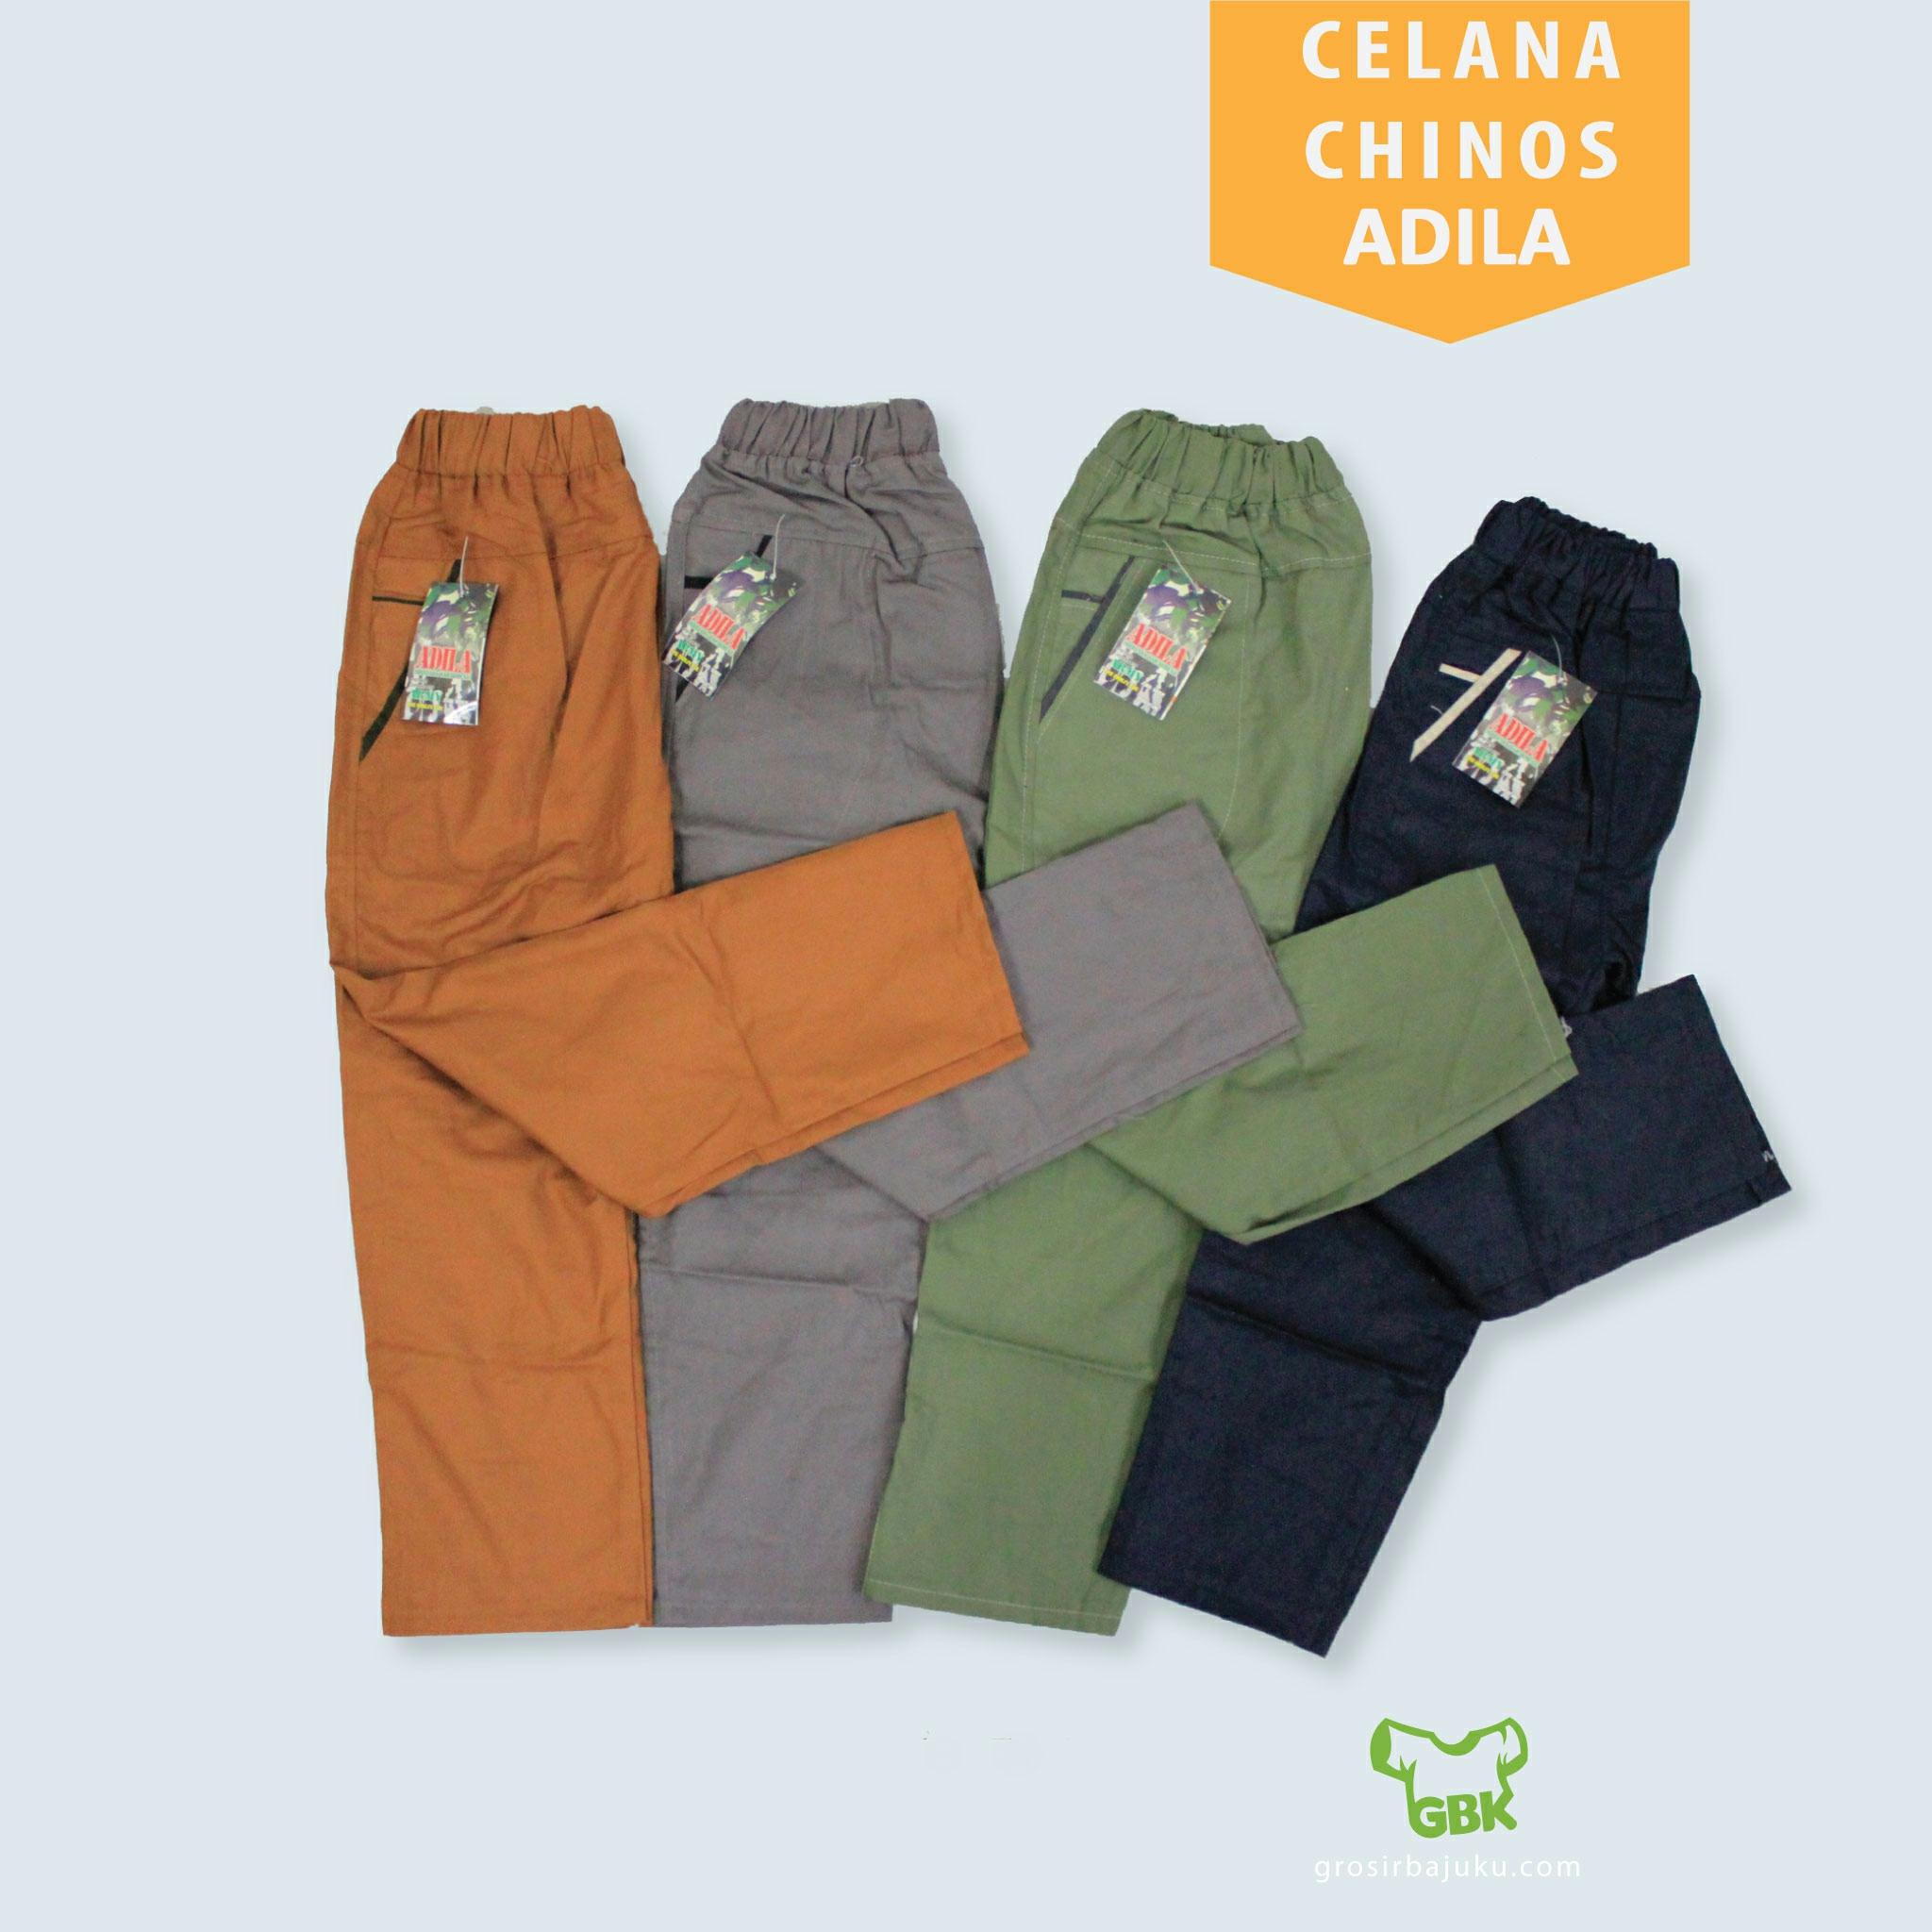 Celana Chinos Adila Murah